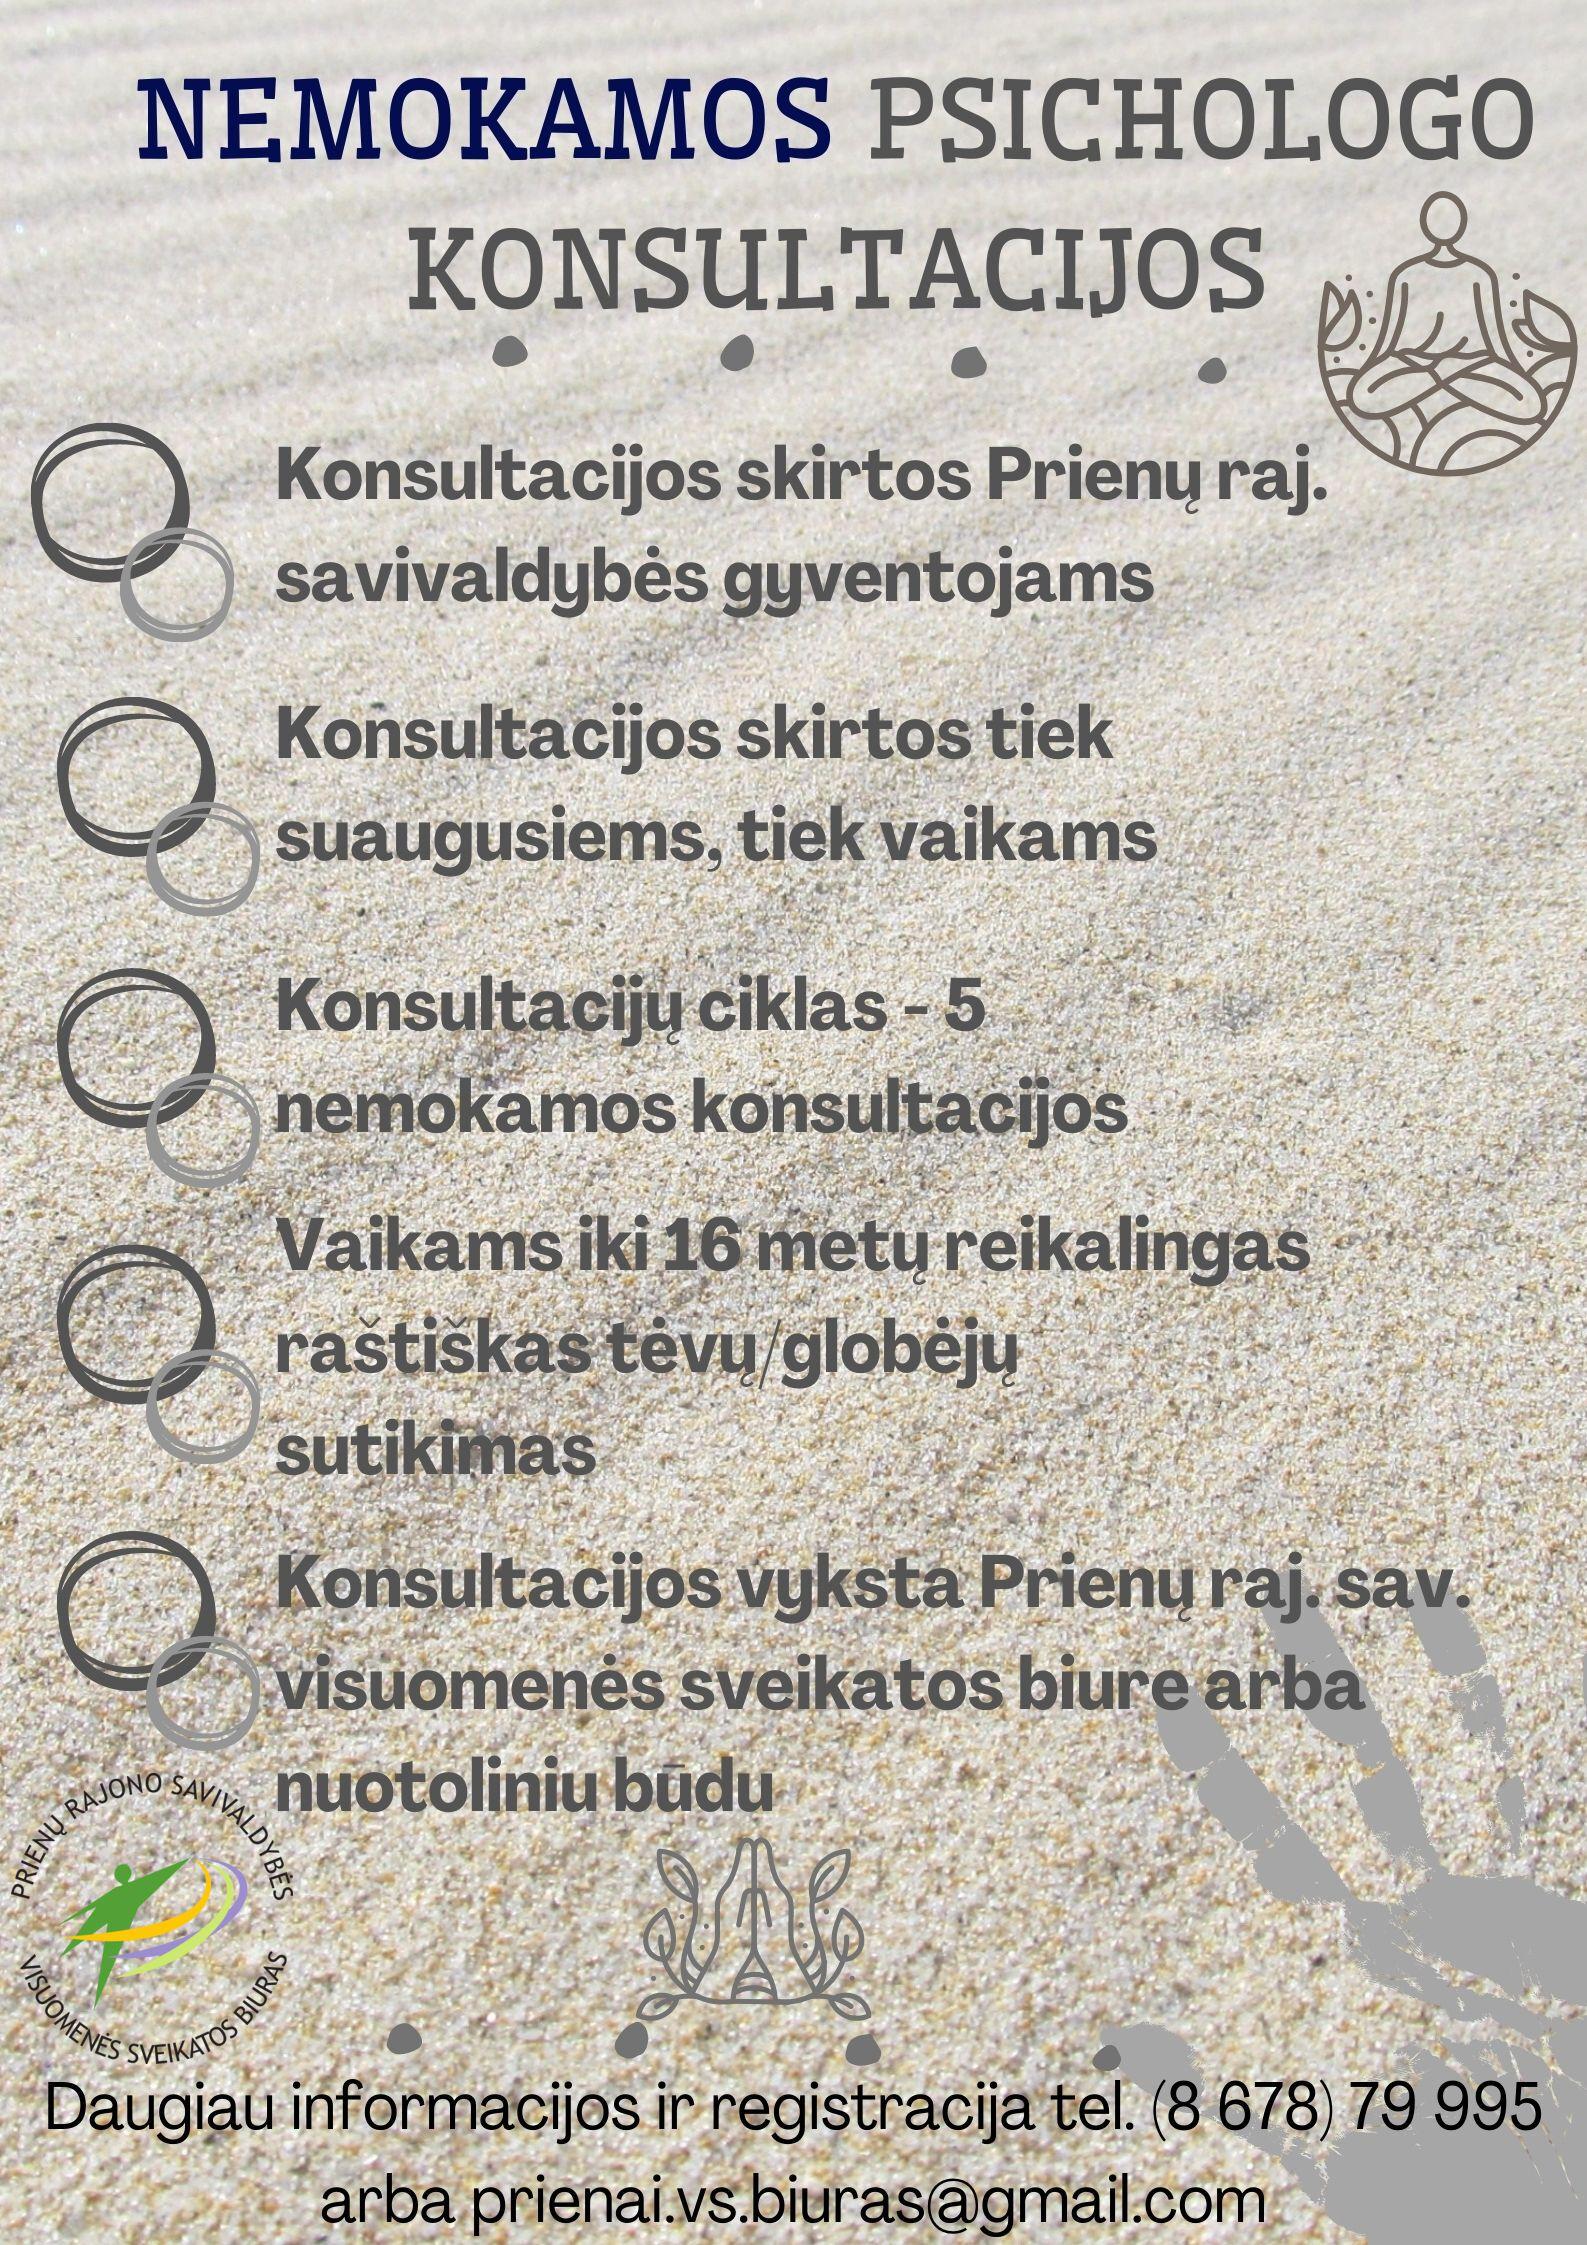 Kviečiame Prienų rajono gyventojus į nemokamas individualias psichologo konsultacijas